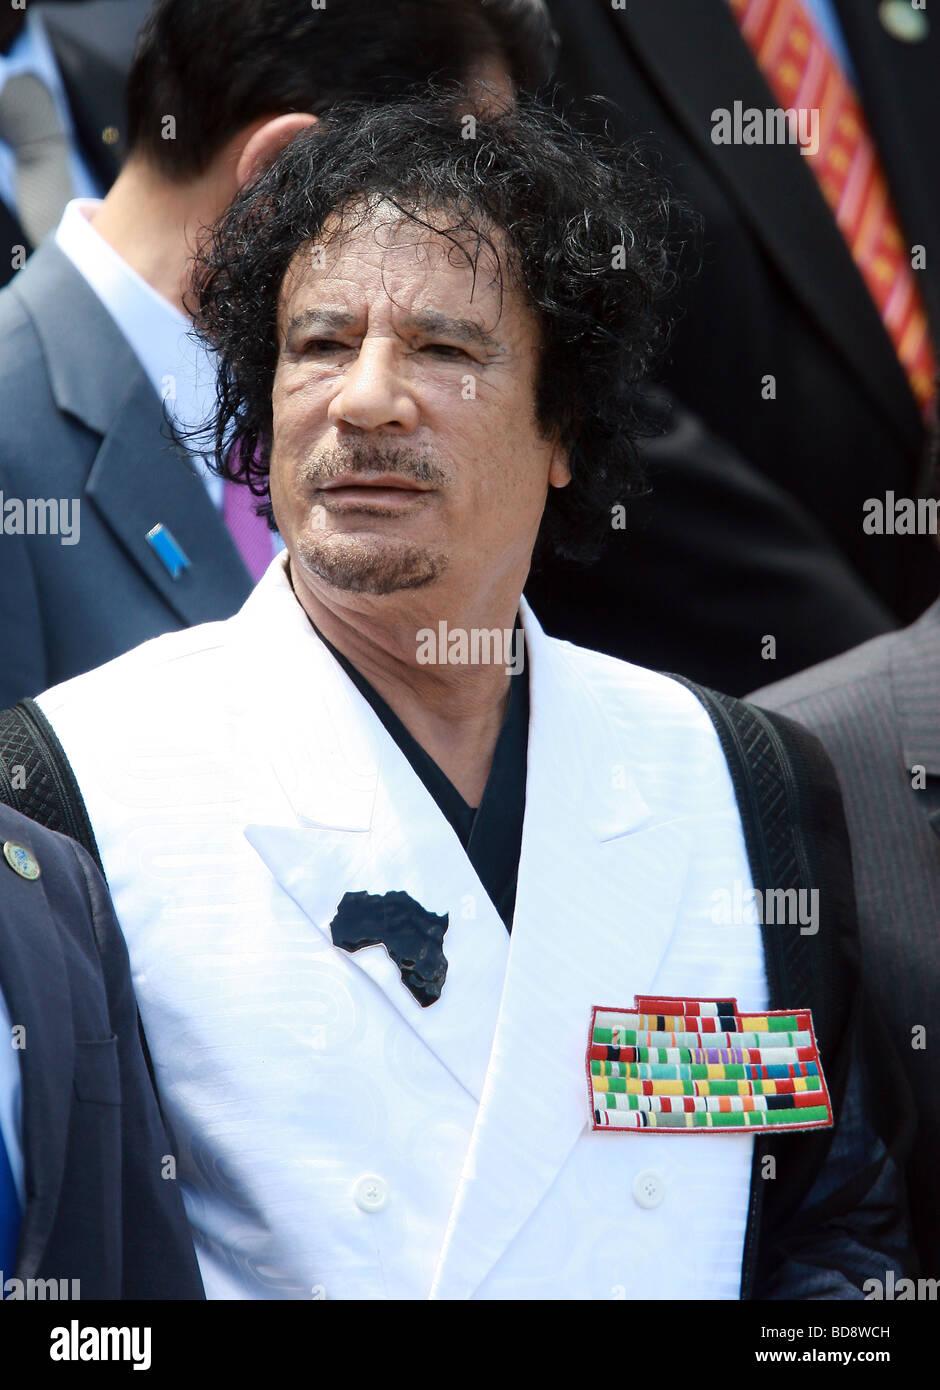 MUAMMAR GADDAFI LIBYAN LEADER 10 July 2009 THE GUARDIA DI FINANZA SCHOOL  L'AQUILA ABRUZZO ITALY - Stock Image